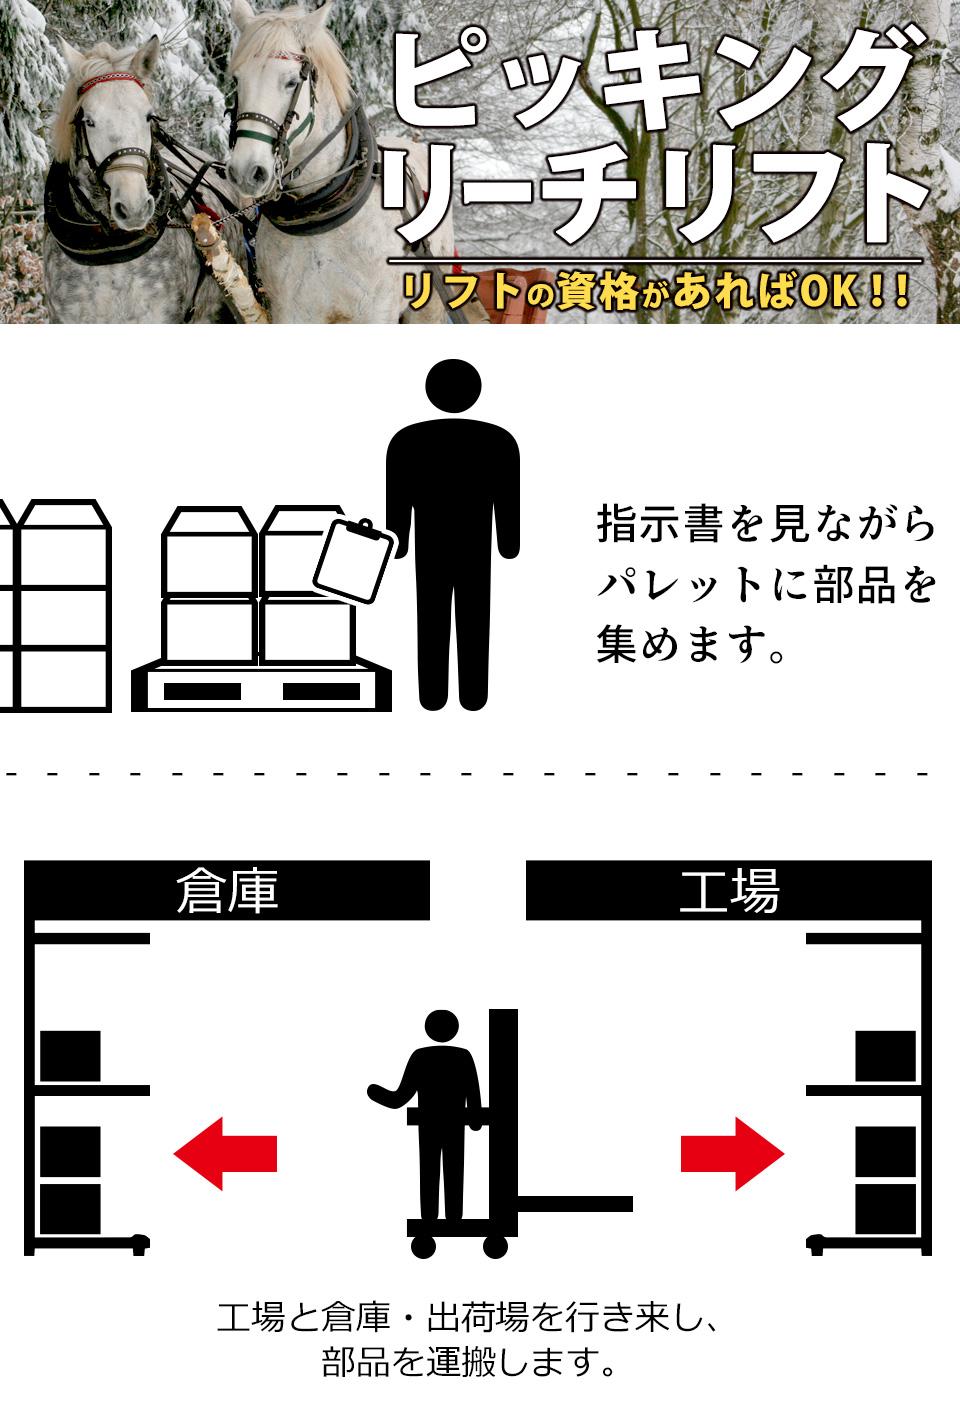 リフト作業 愛知県豊橋市の派遣社員求人